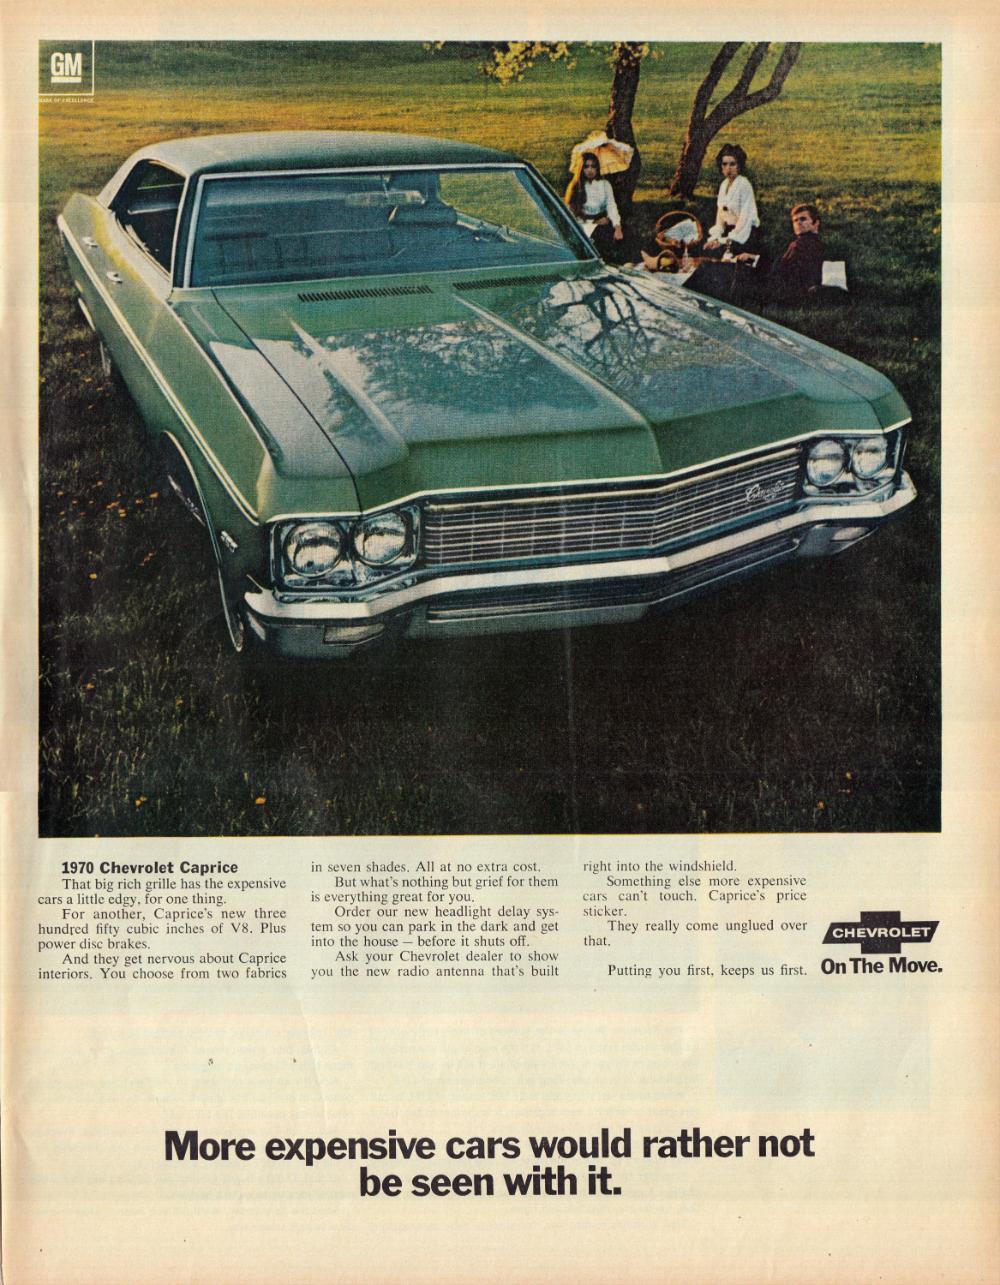 1970 Chevrolet Caprice 350 Cu In V 8 Family Picnic Original Etsy Chevrolet Caprice Chevrolet Vintage Ads